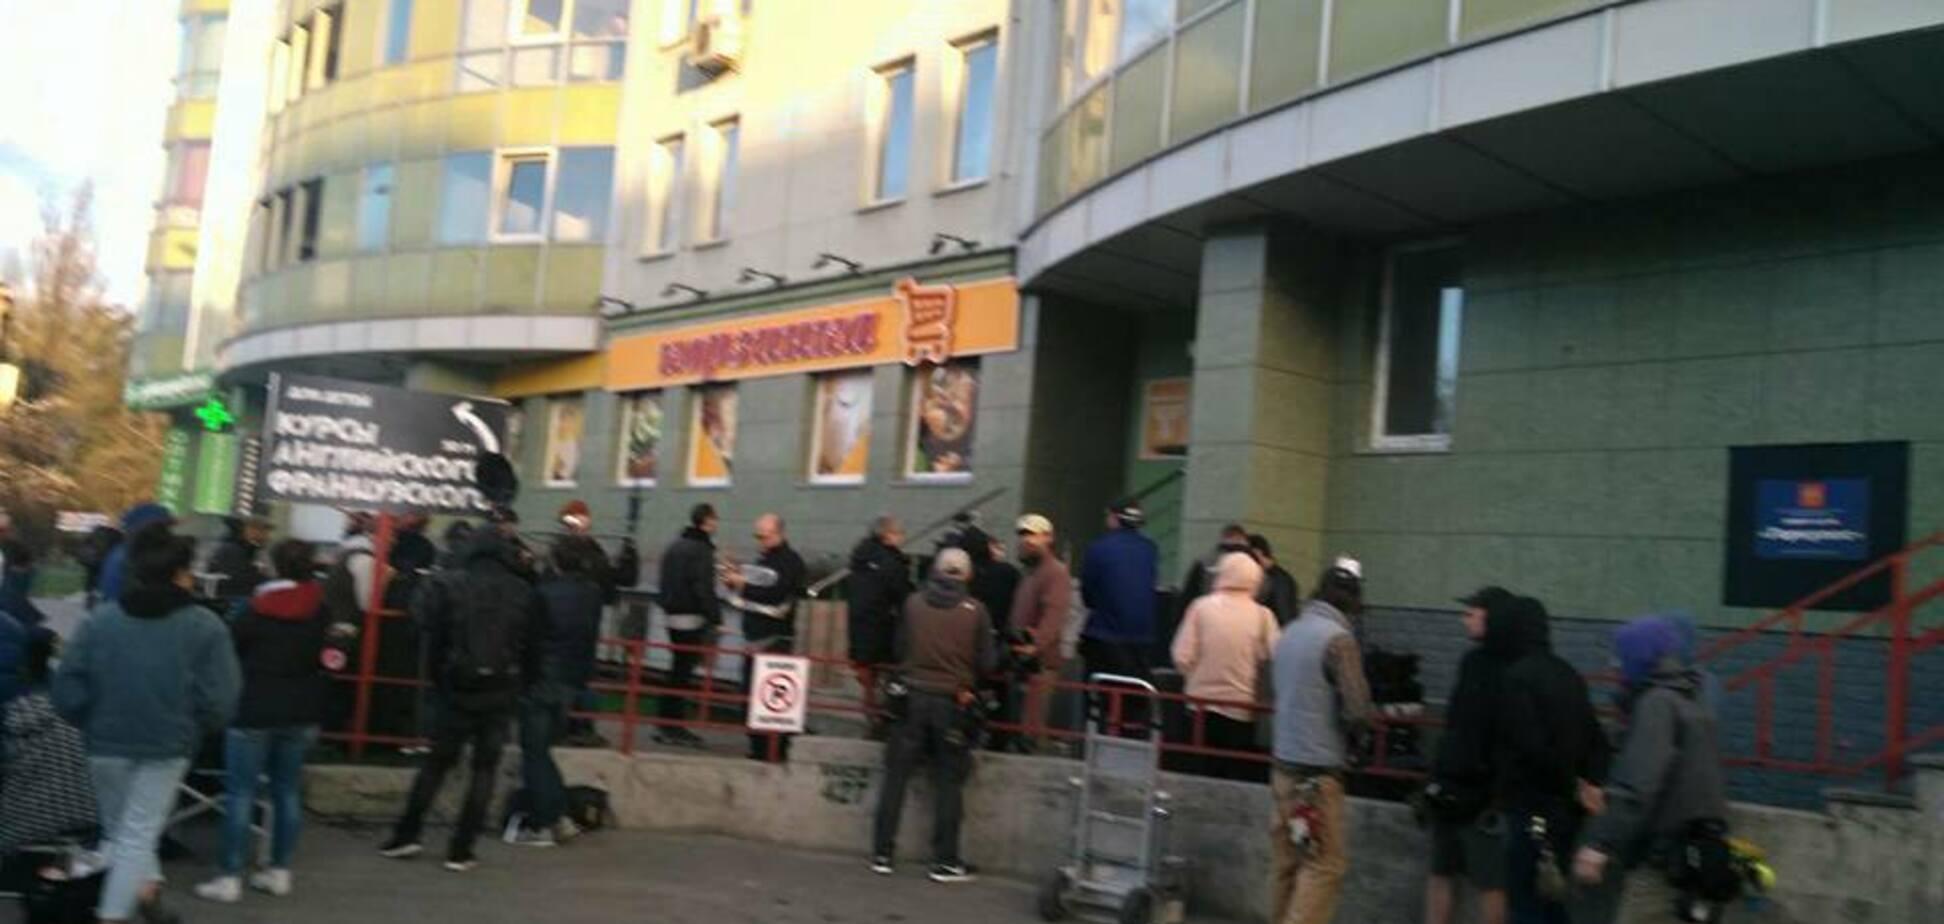 'Остается Россией': в Киеве произошел спор из-за 'превращения' в Москву